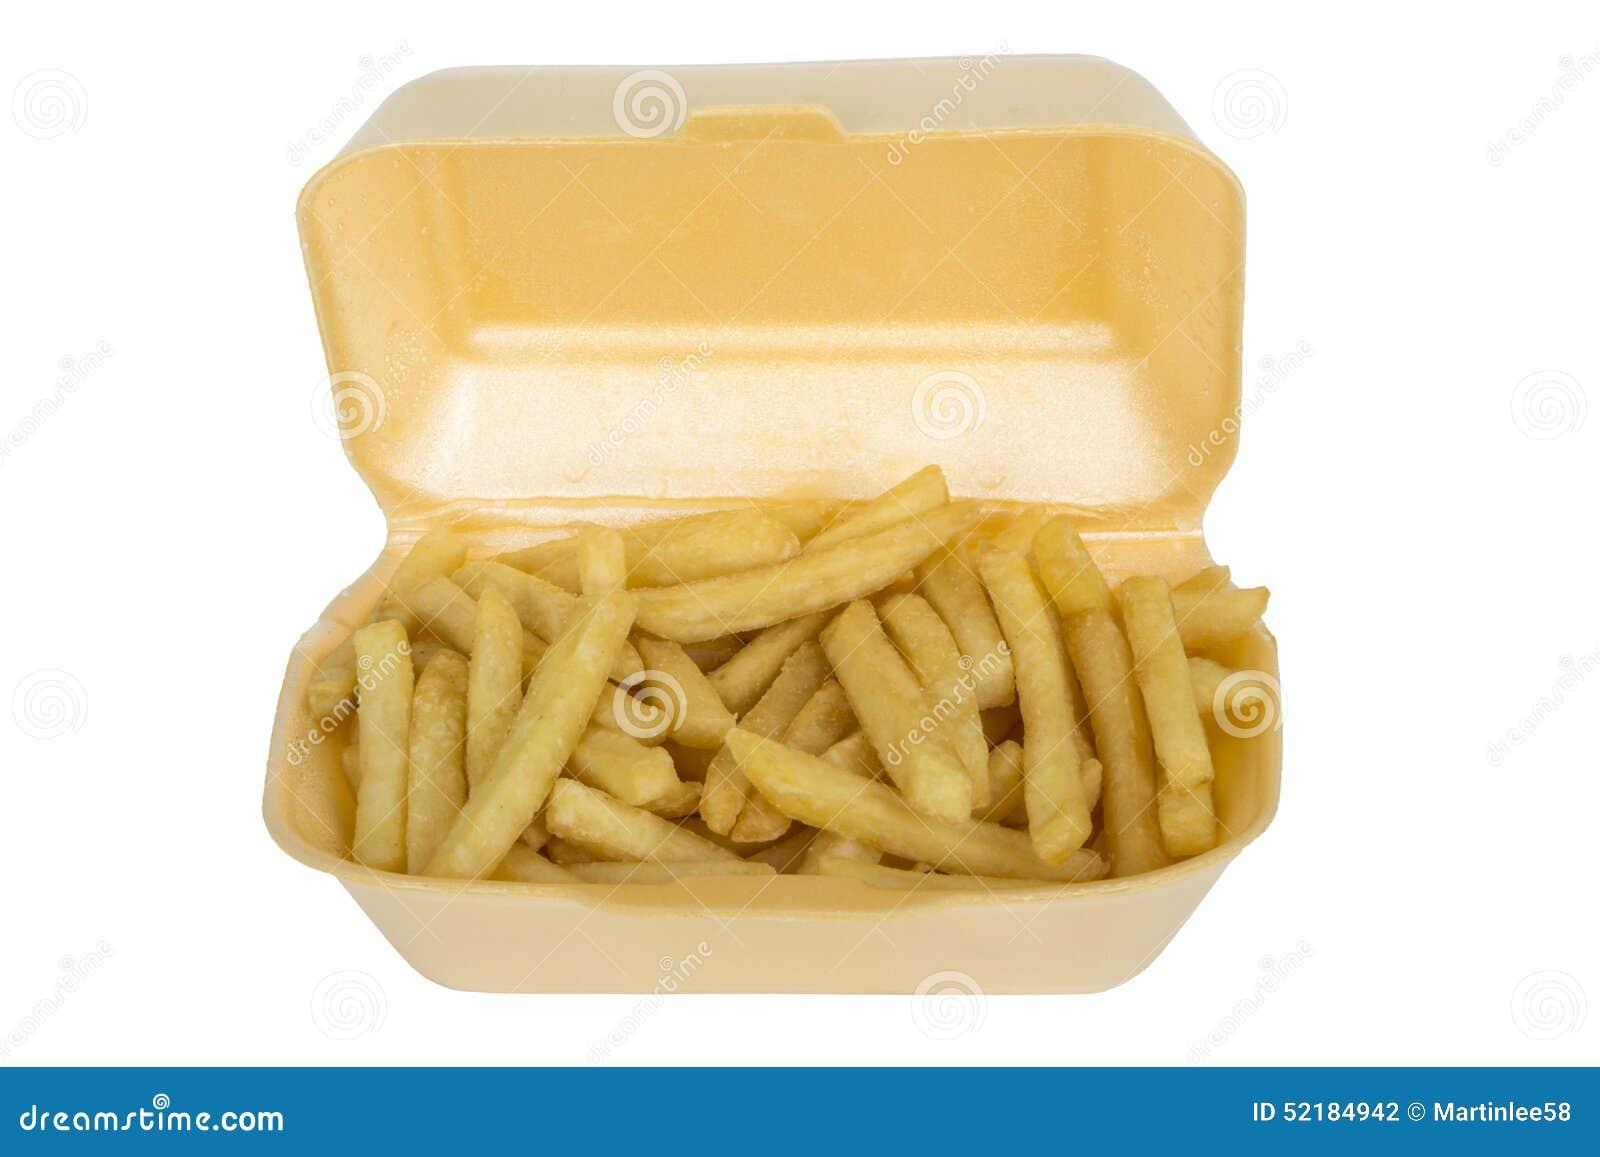 Chips Fries desempenhou serviços na caixa afastada da caixa